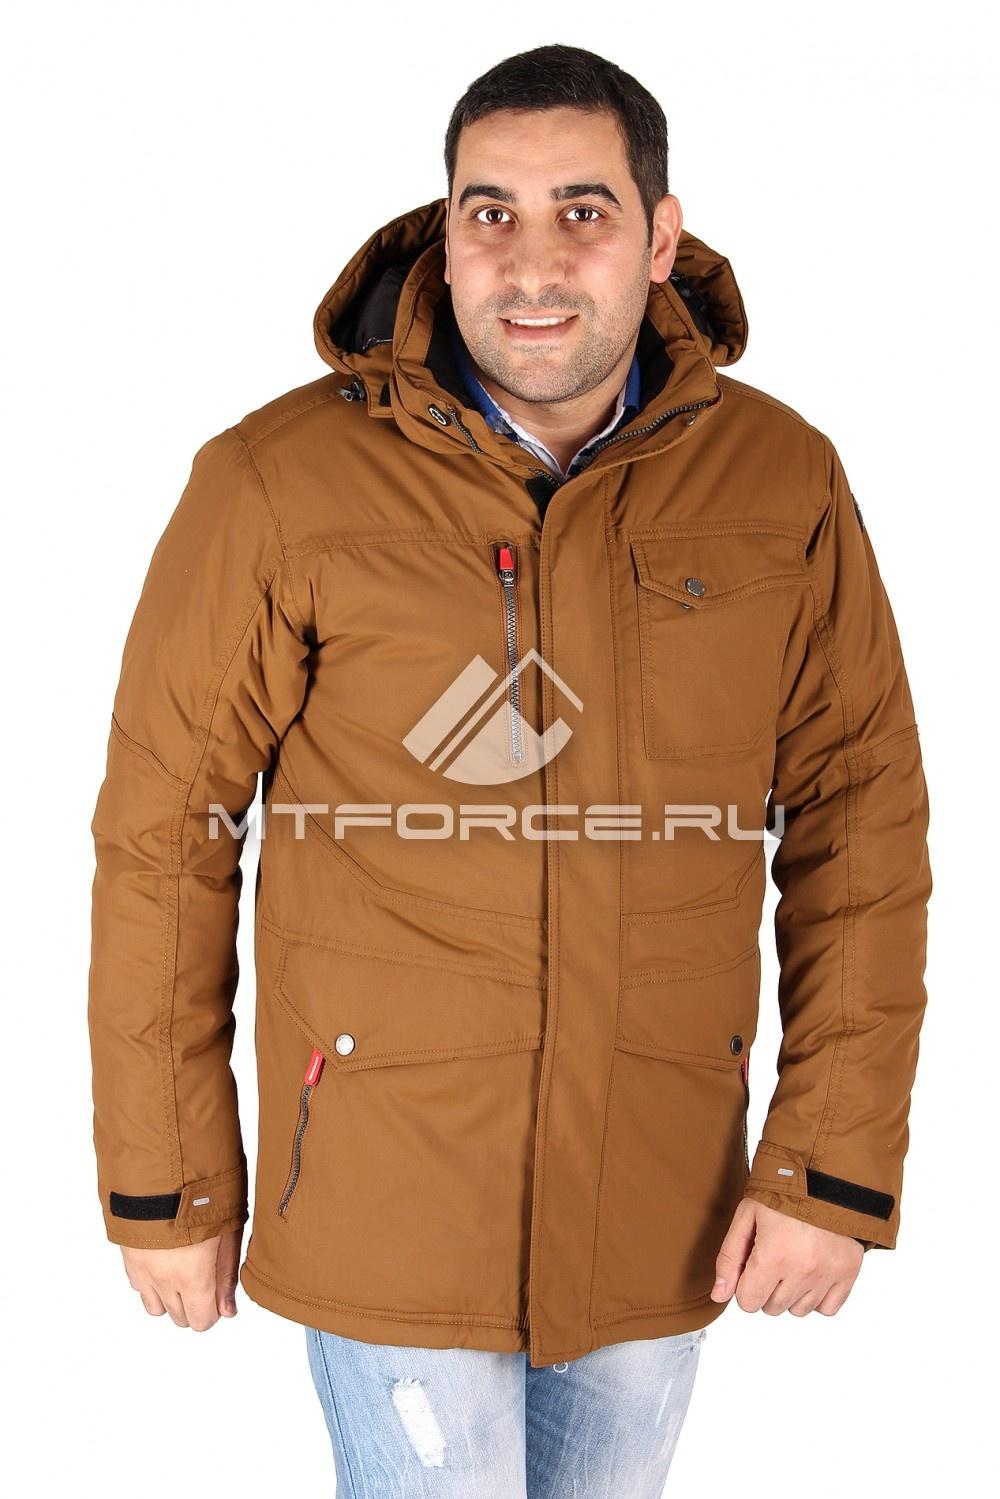 Купить                                  оптом Куртка классическая зимняя мужская коричневого цвета 15039K